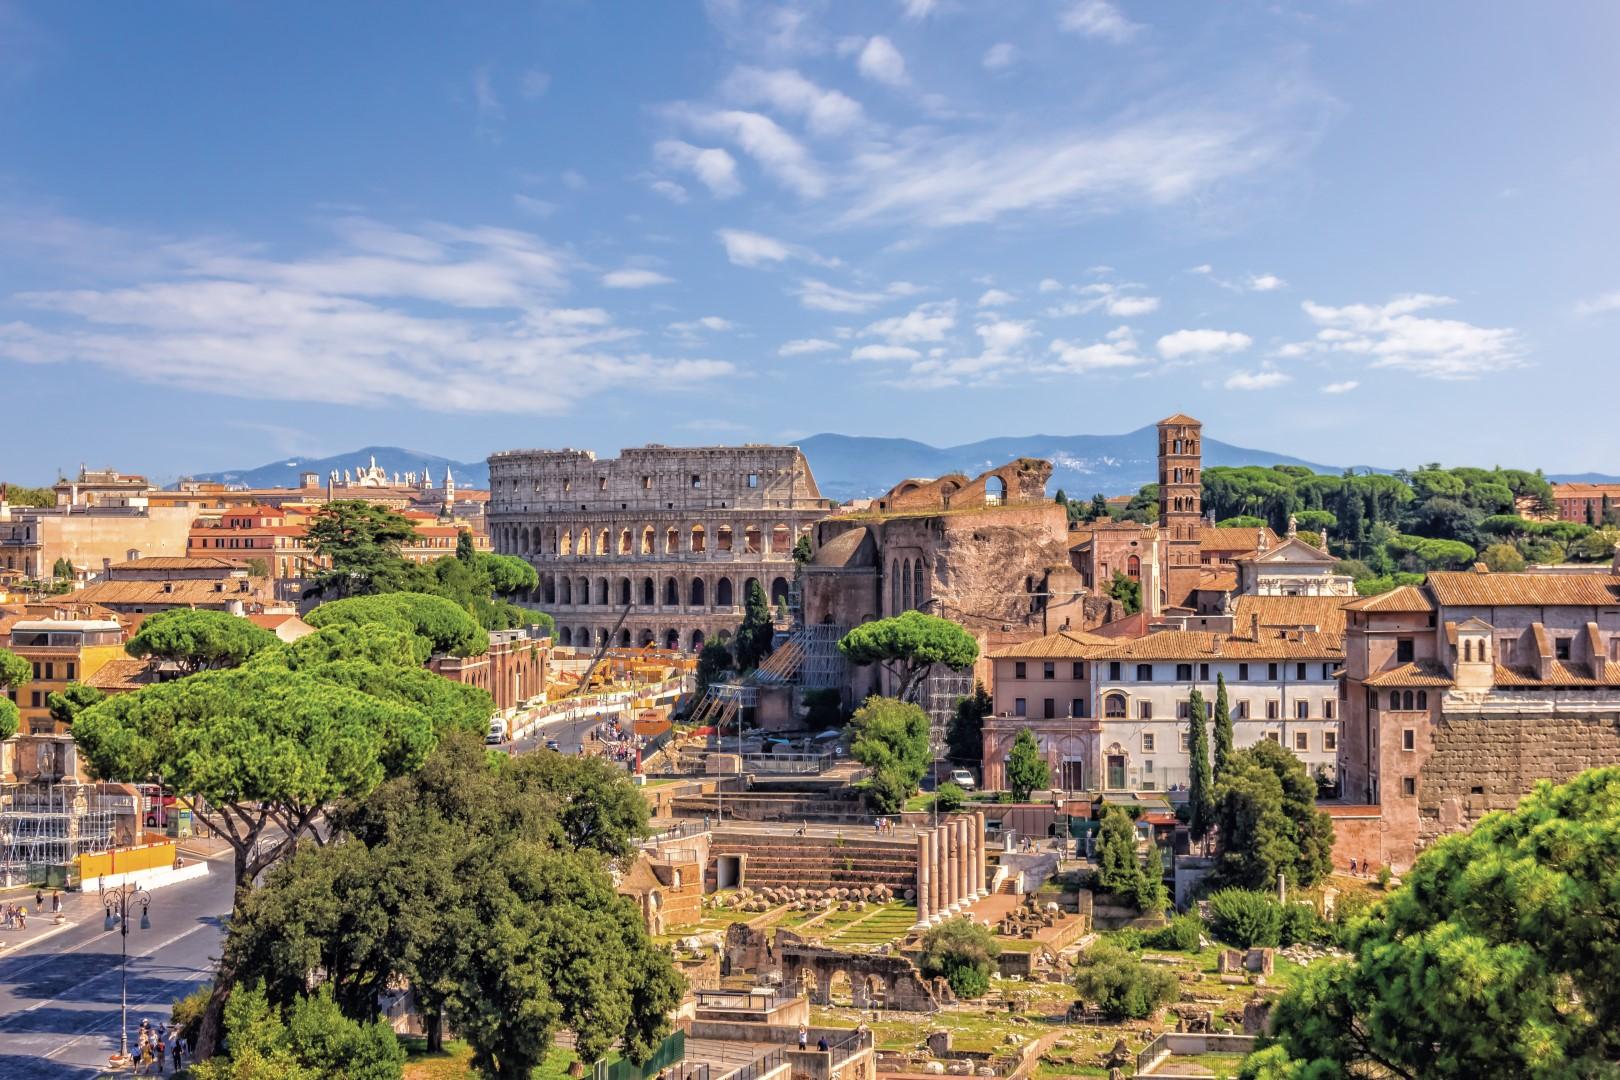 Víkend v Římě s návštěvou Florencie 6 dní #5